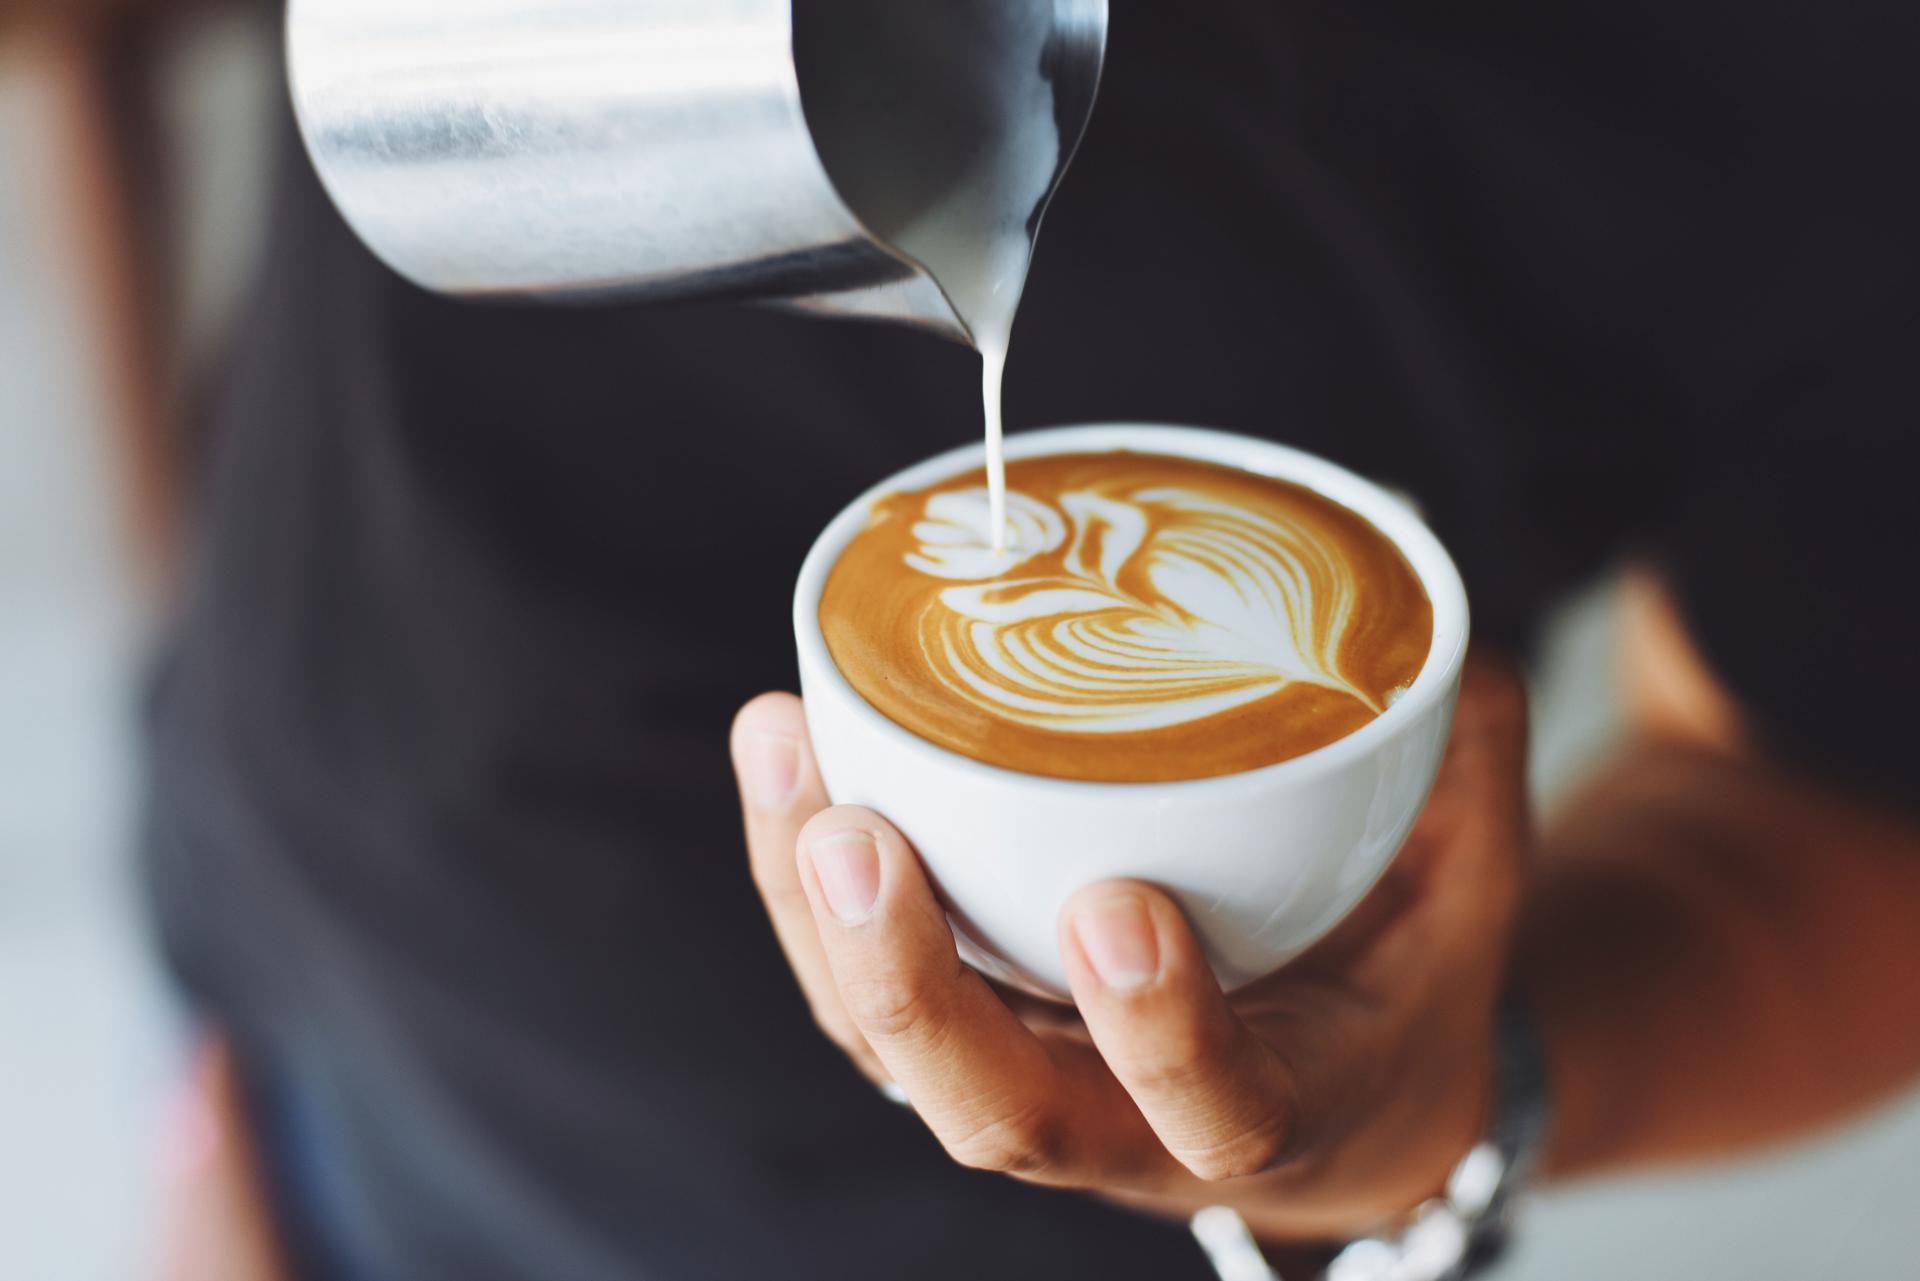 Растворимый кофе: история создания ипроцесс изготовления кофейного напитка